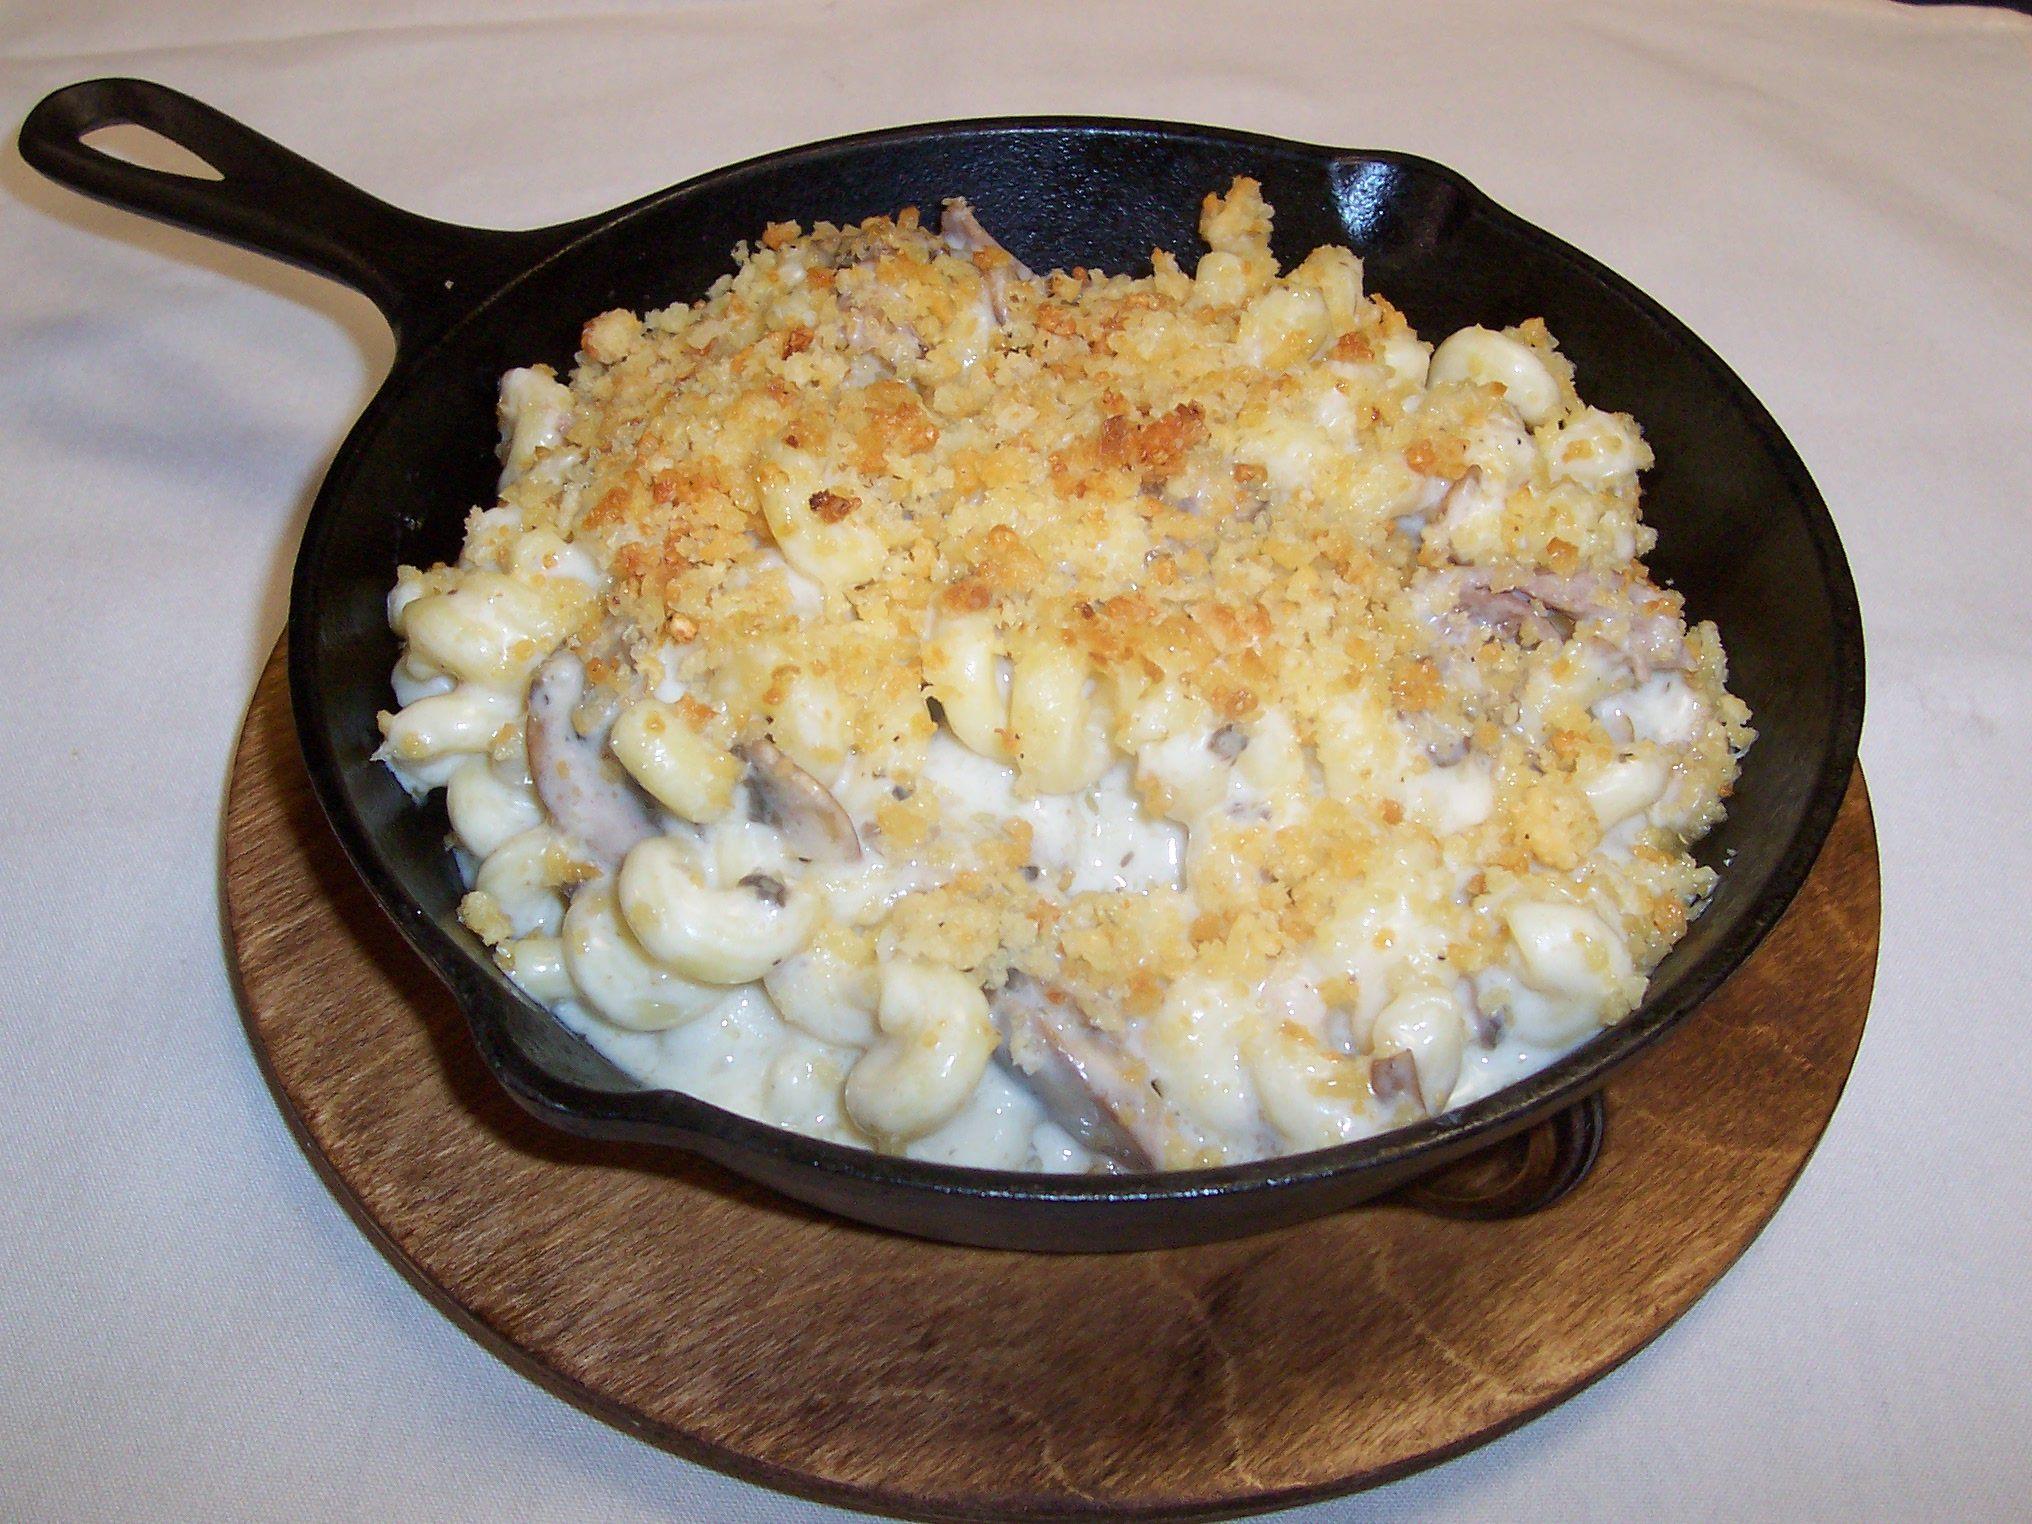 TJ's Tavern mac & cheese